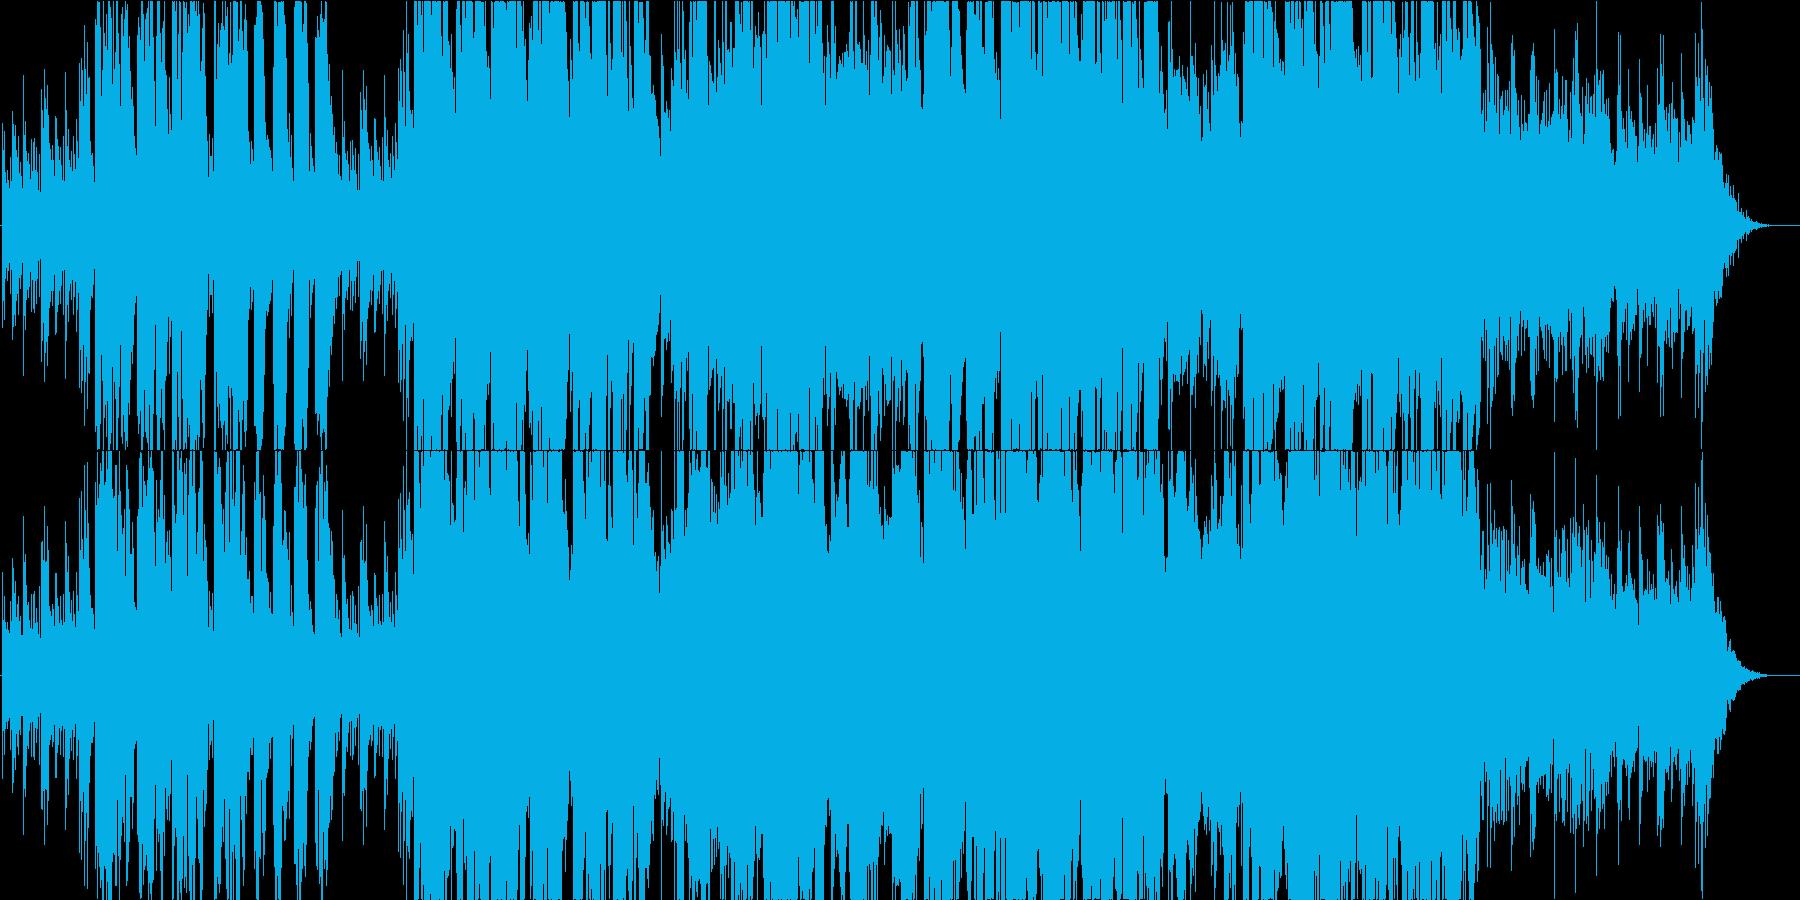 優しい旋律が包み込むフォークバラードの再生済みの波形